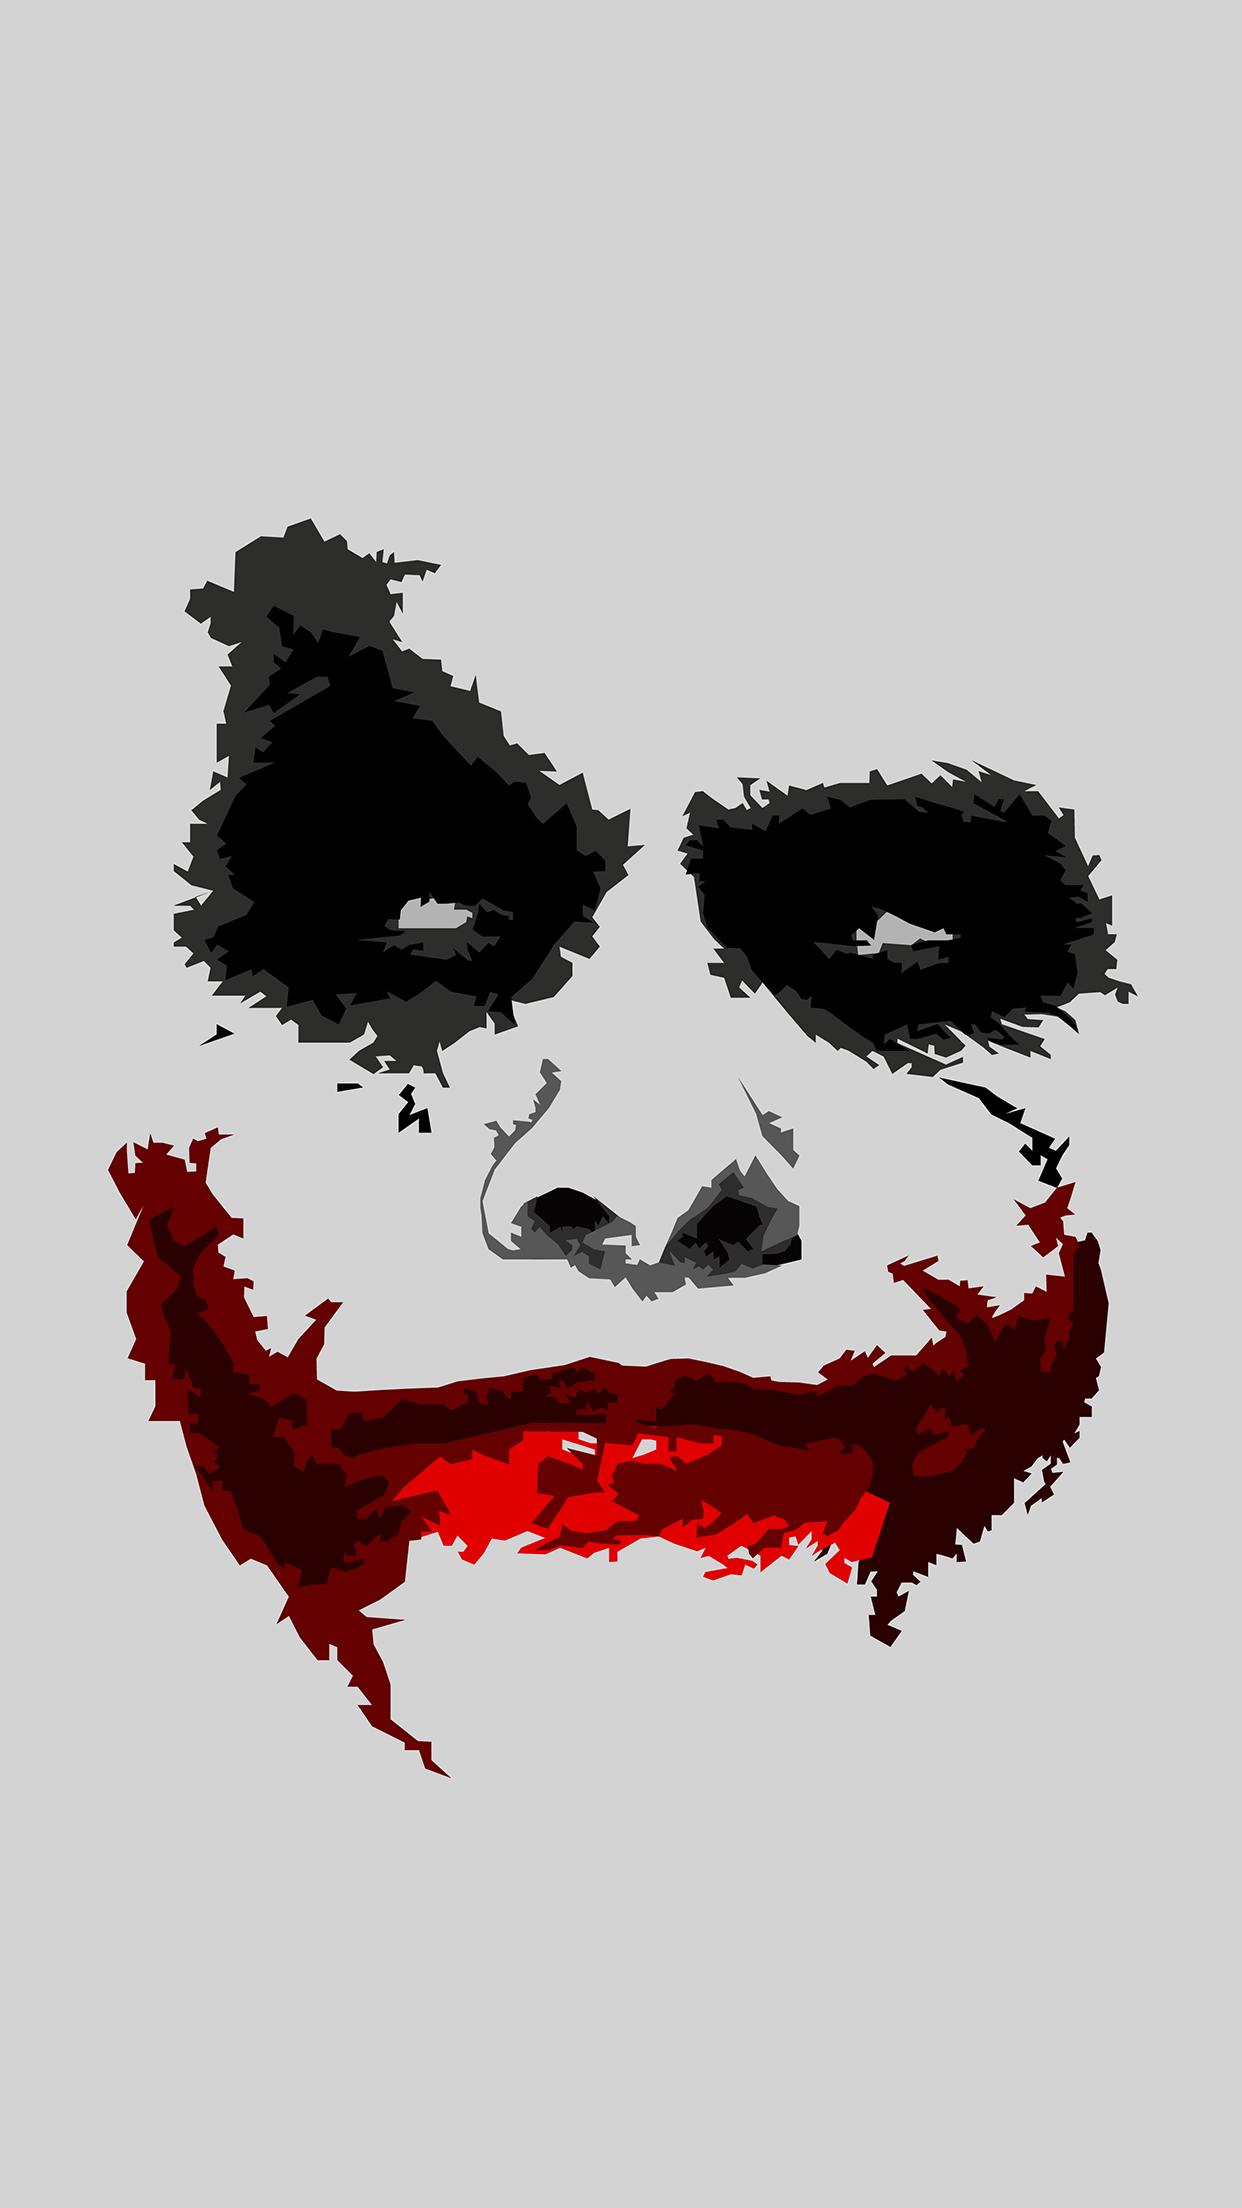 Wallpaper HD iPhone X 8 7 6   Joker Face   Download 1242x2208